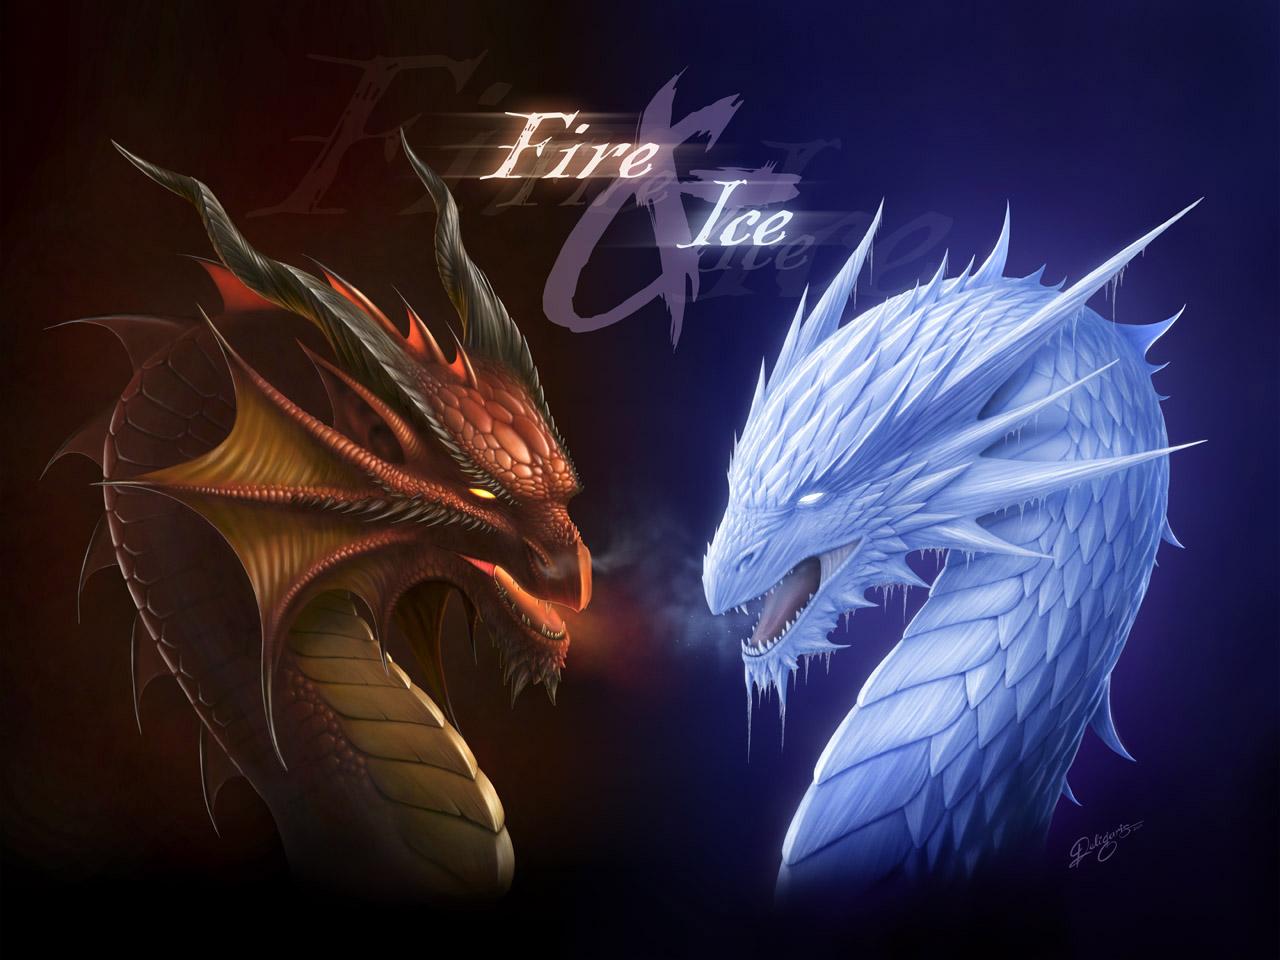 fire dragon, ice dragon, wallpaper, скачать обои для рабочего стола